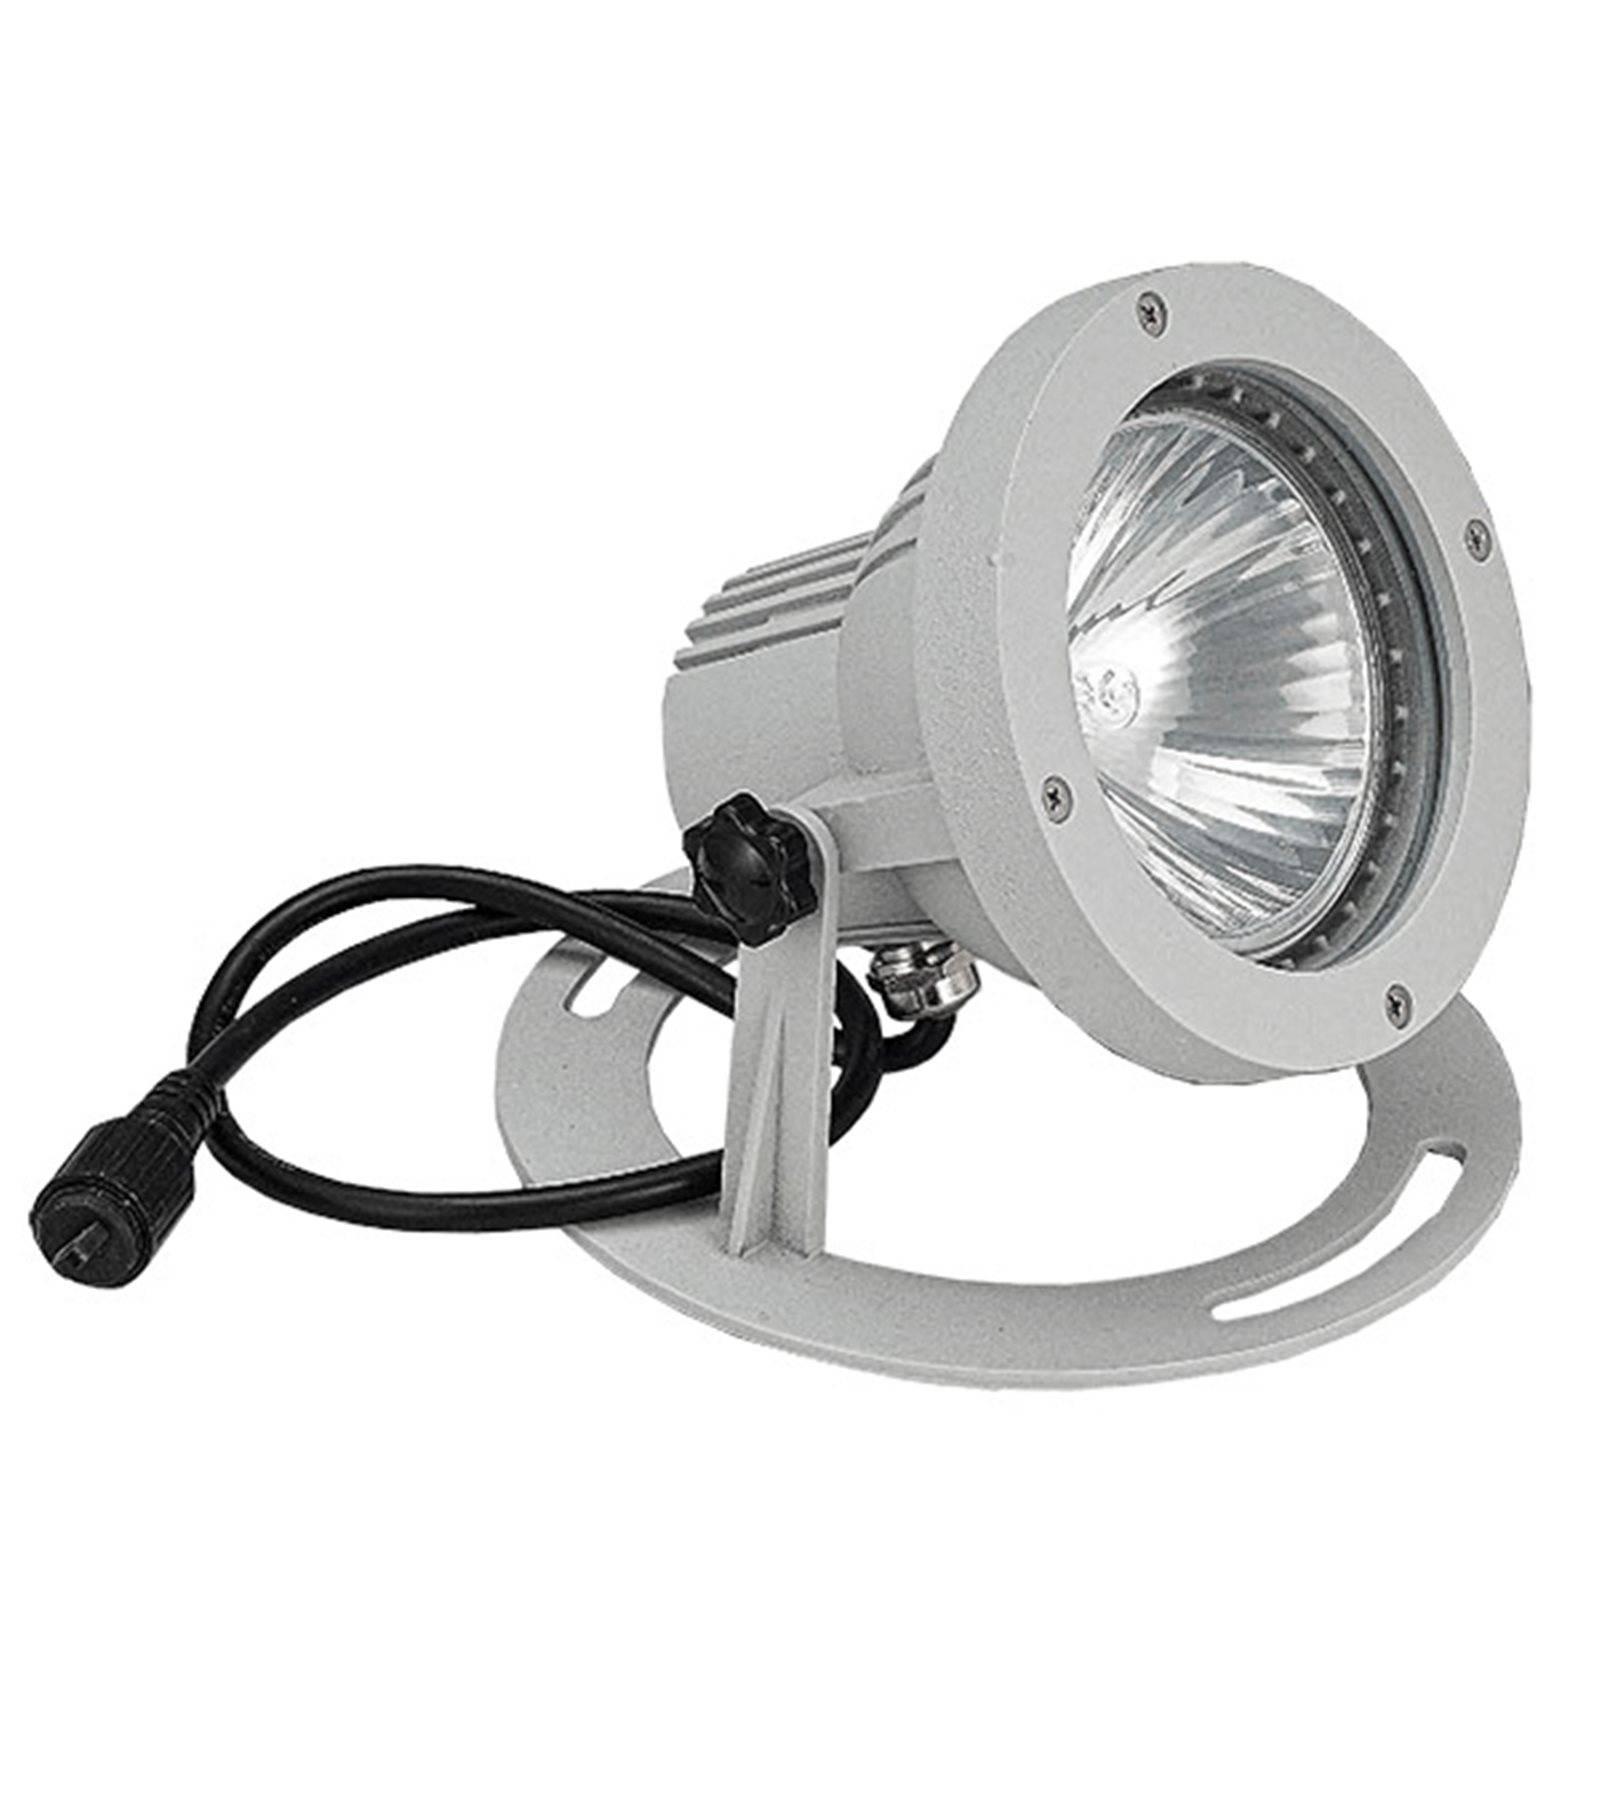 spot projecteur alu bross gu10 mr16 ou mr20 ip67 ext rieur easy connect ampoule fournie. Black Bedroom Furniture Sets. Home Design Ideas